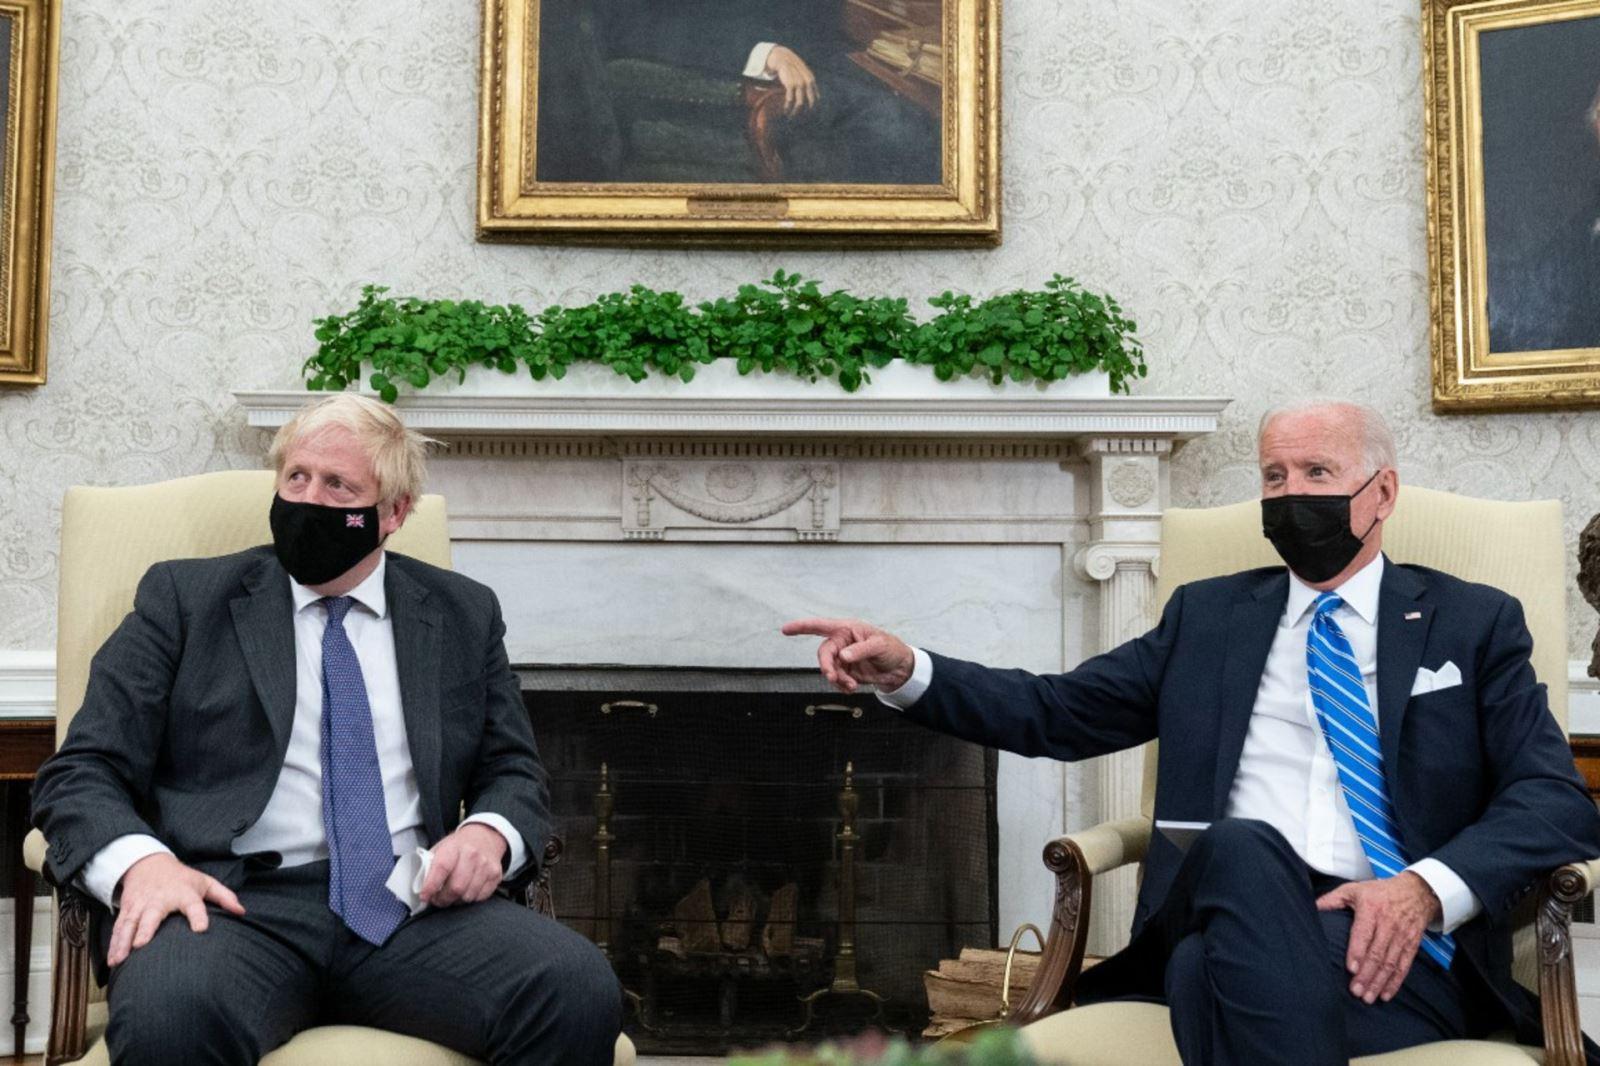 Tổng thống Mỹ Joe Biden phát biểu trong cuộc họp với Thủ tướng Anh Boris Johnson tại Nhà Trắng ngày 21-9. Ảnh: AP